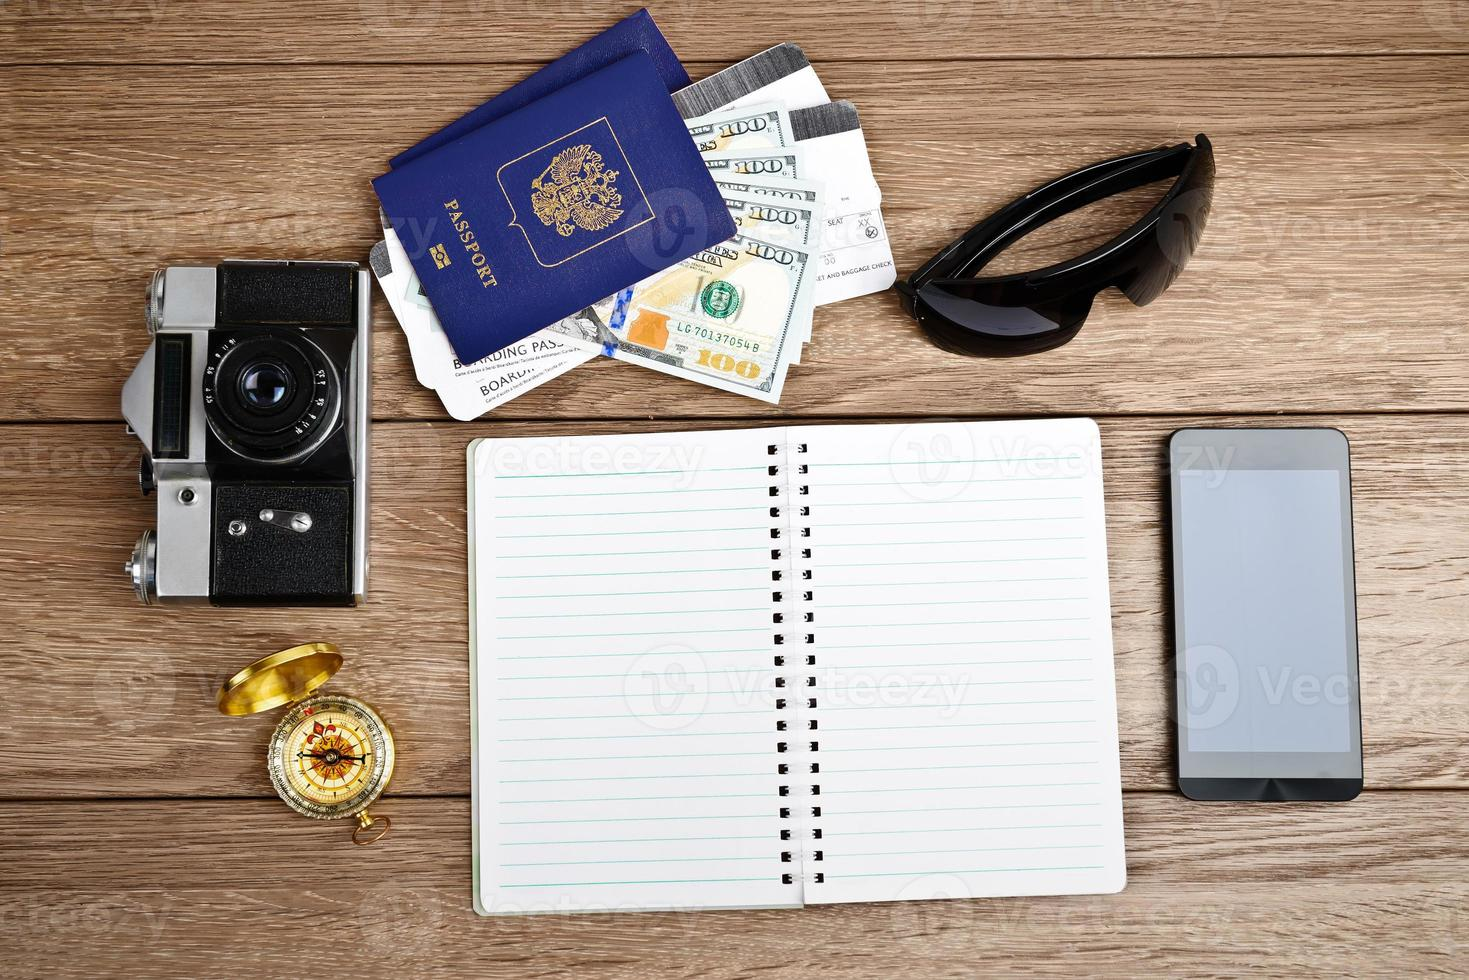 concetto di turismo: biglietti aerei, passaporti, smartphone, bussola, ca foto